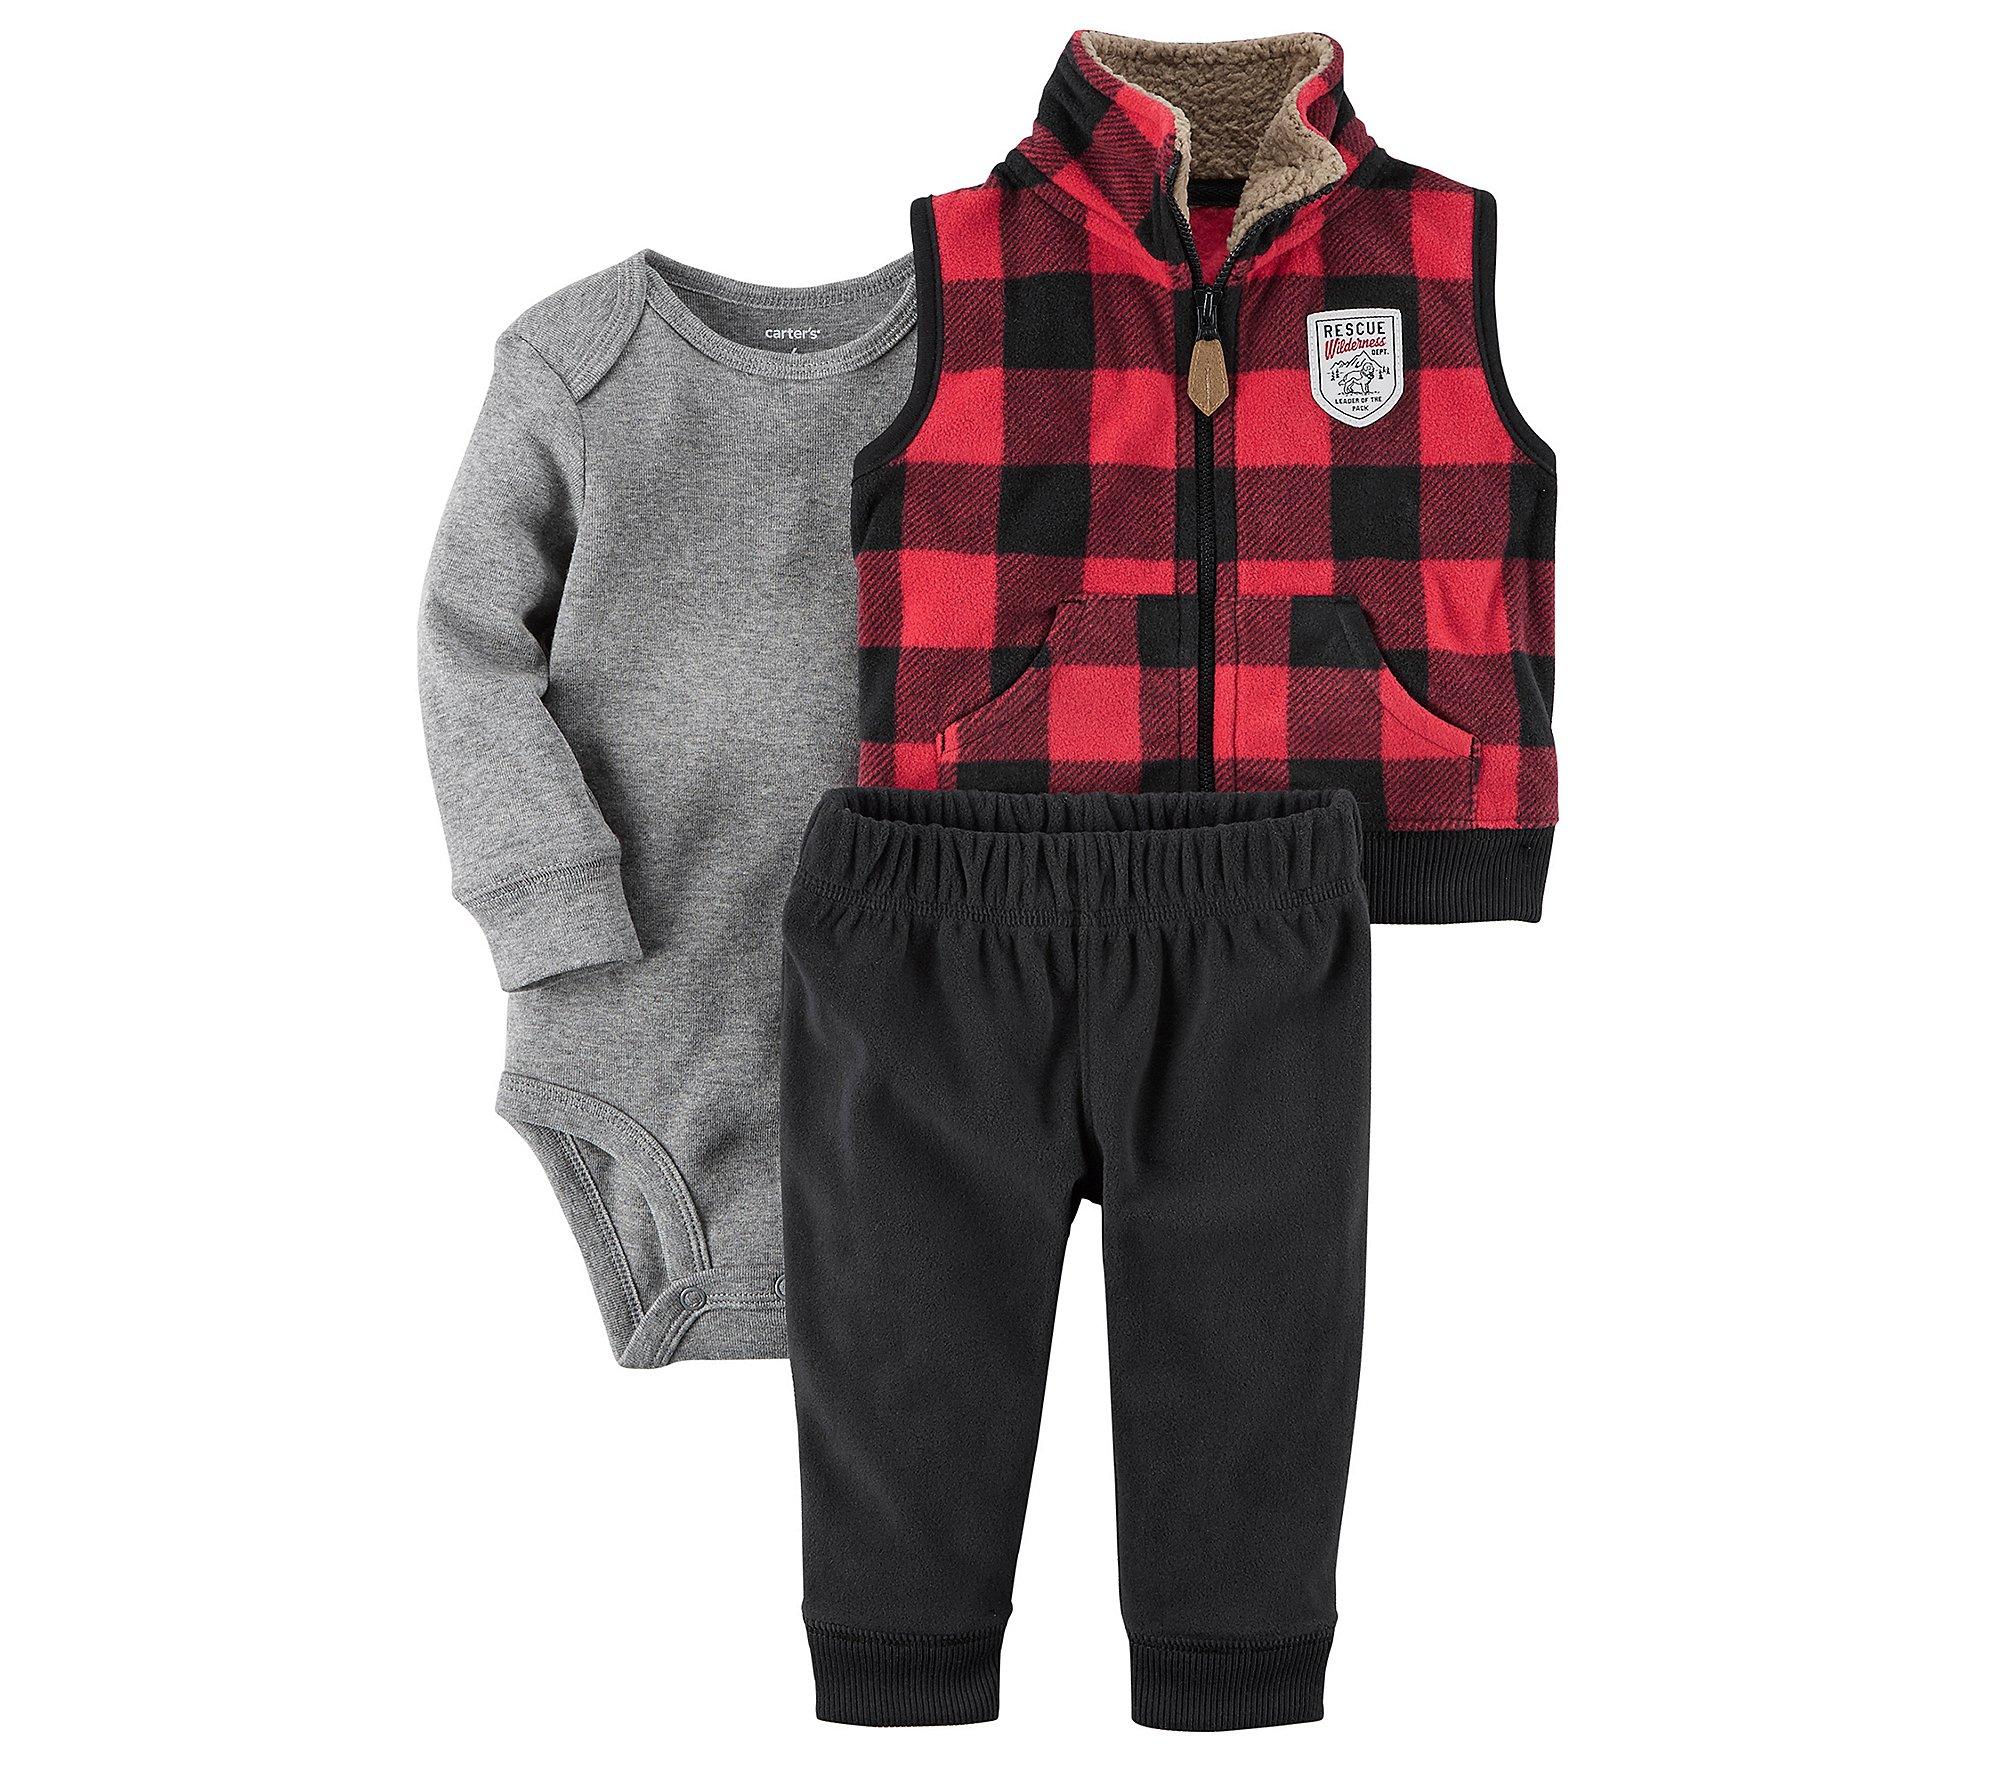 Carter's Baby Boys' 3 Piece Plaid Patch Little Vest Set